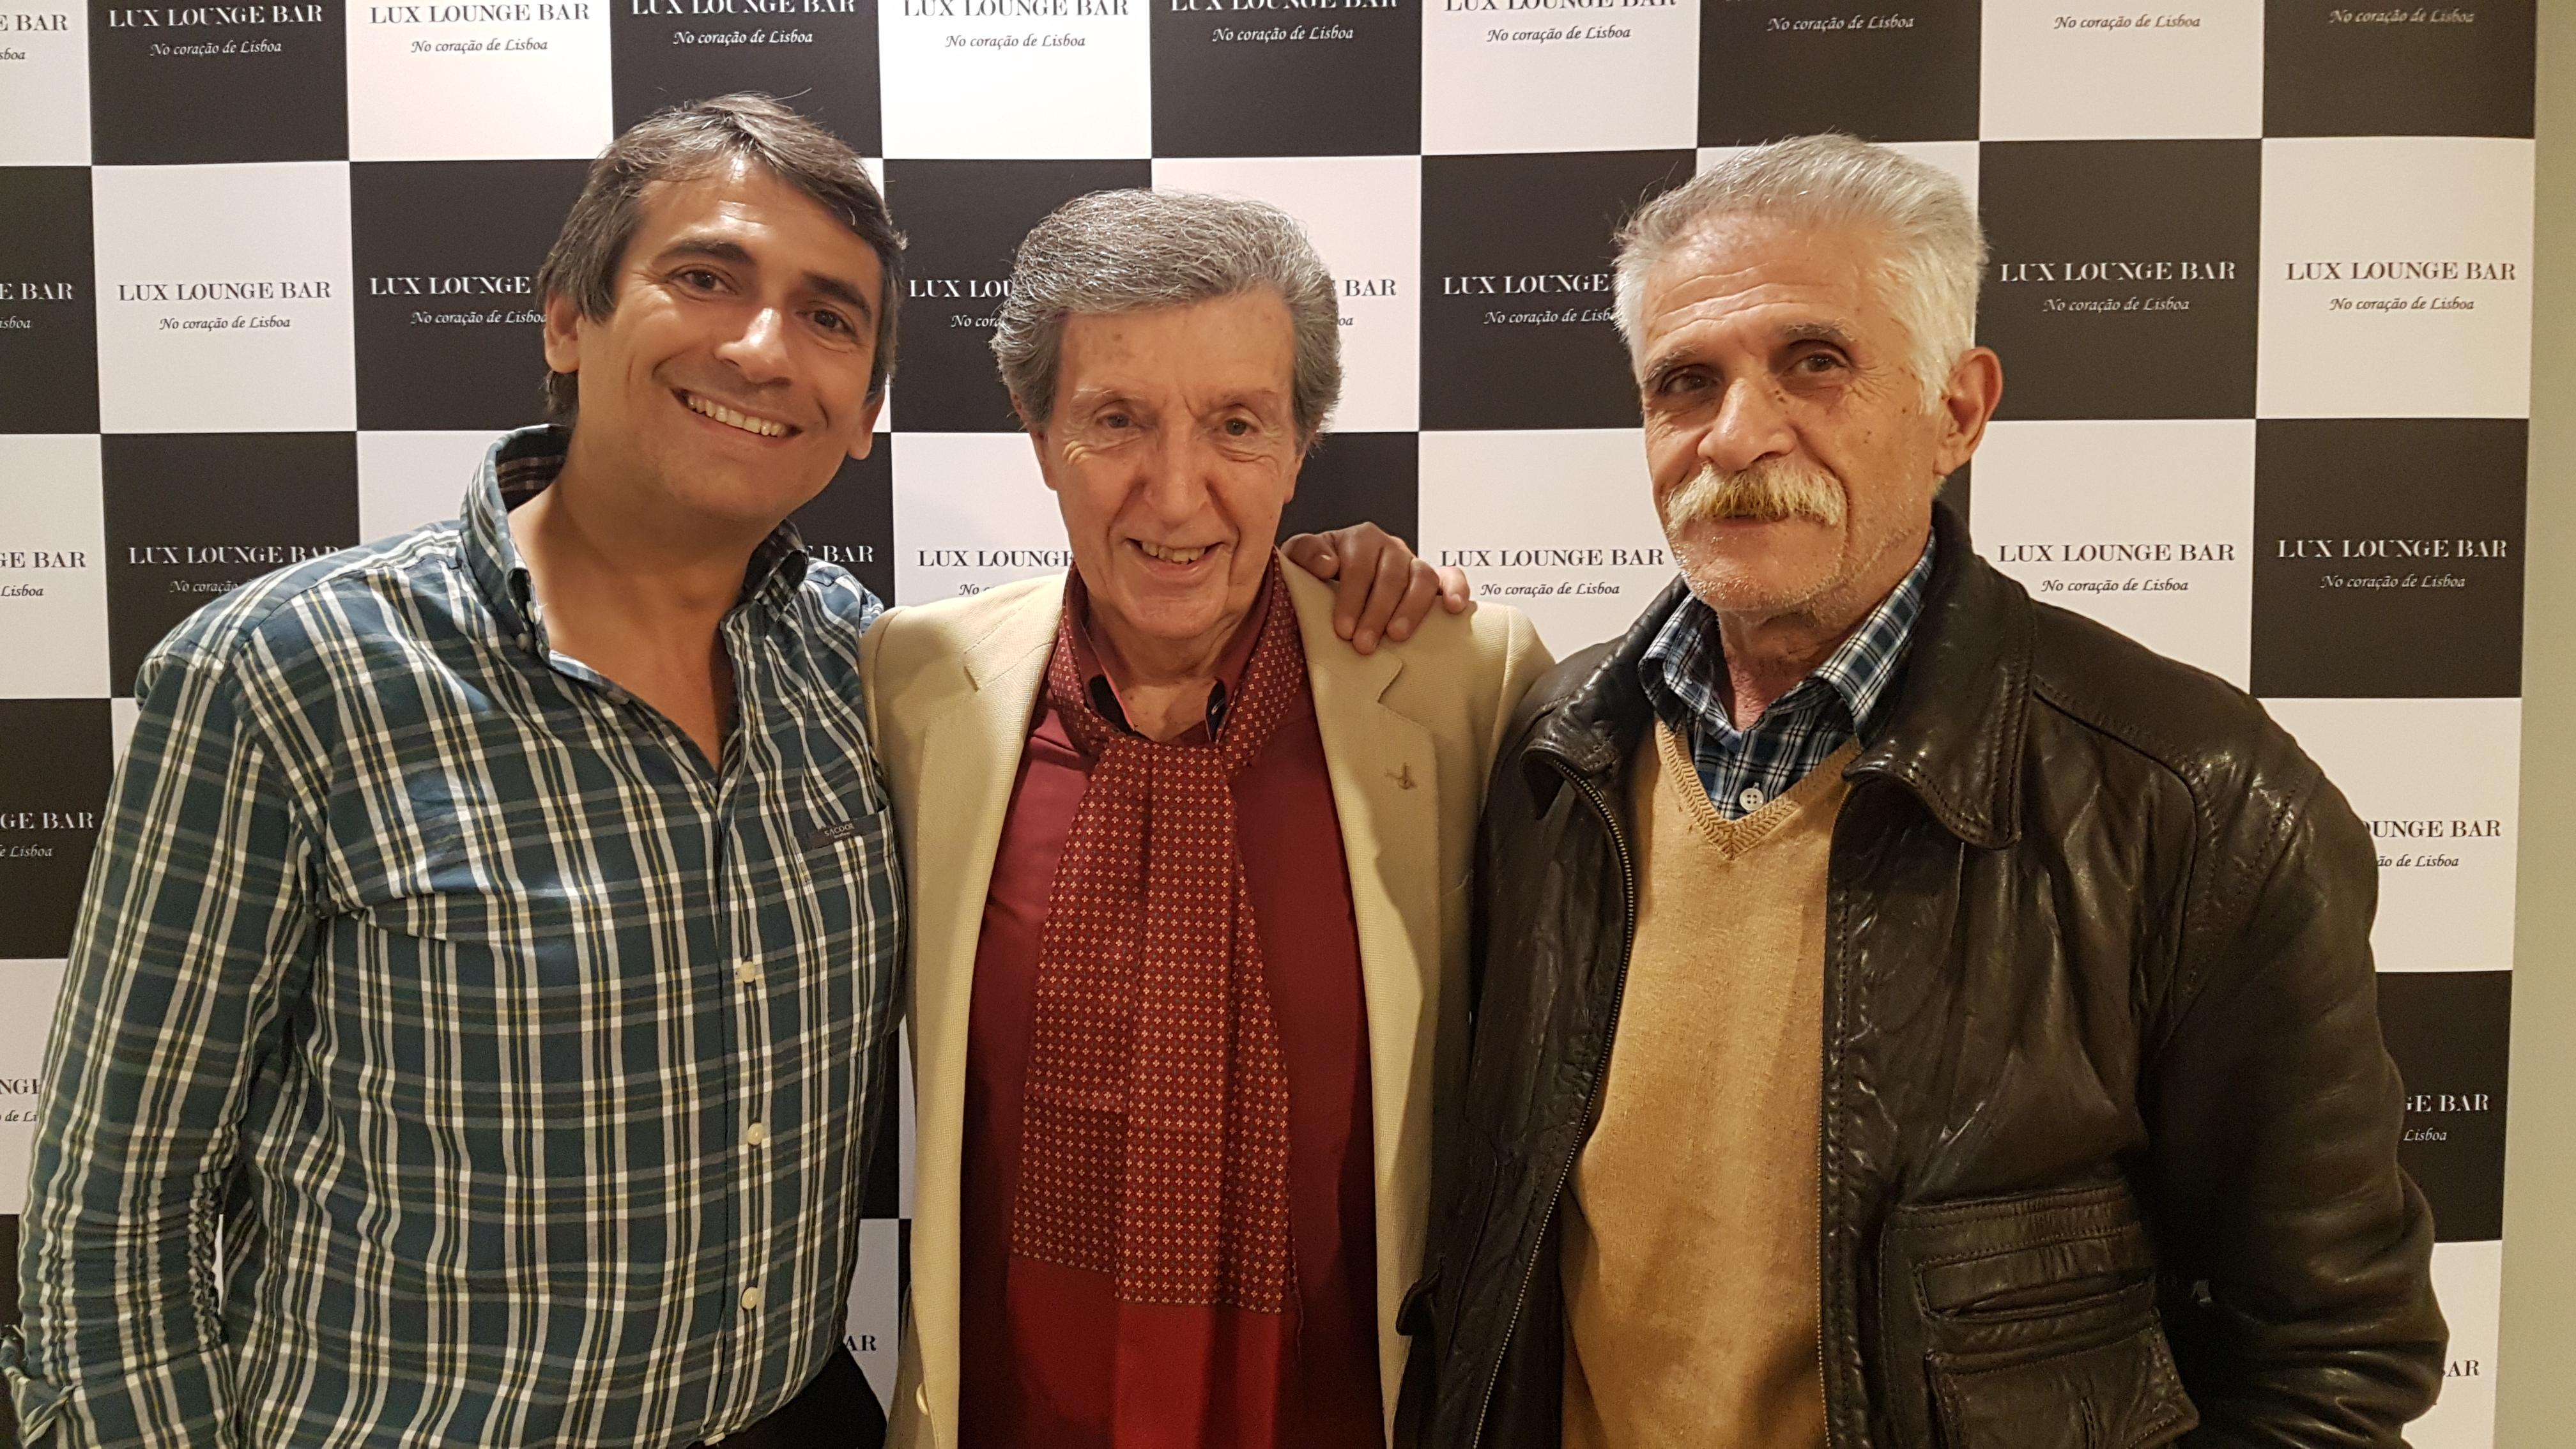 Pedro-Edgar Antunes-Joaquim Baltazar